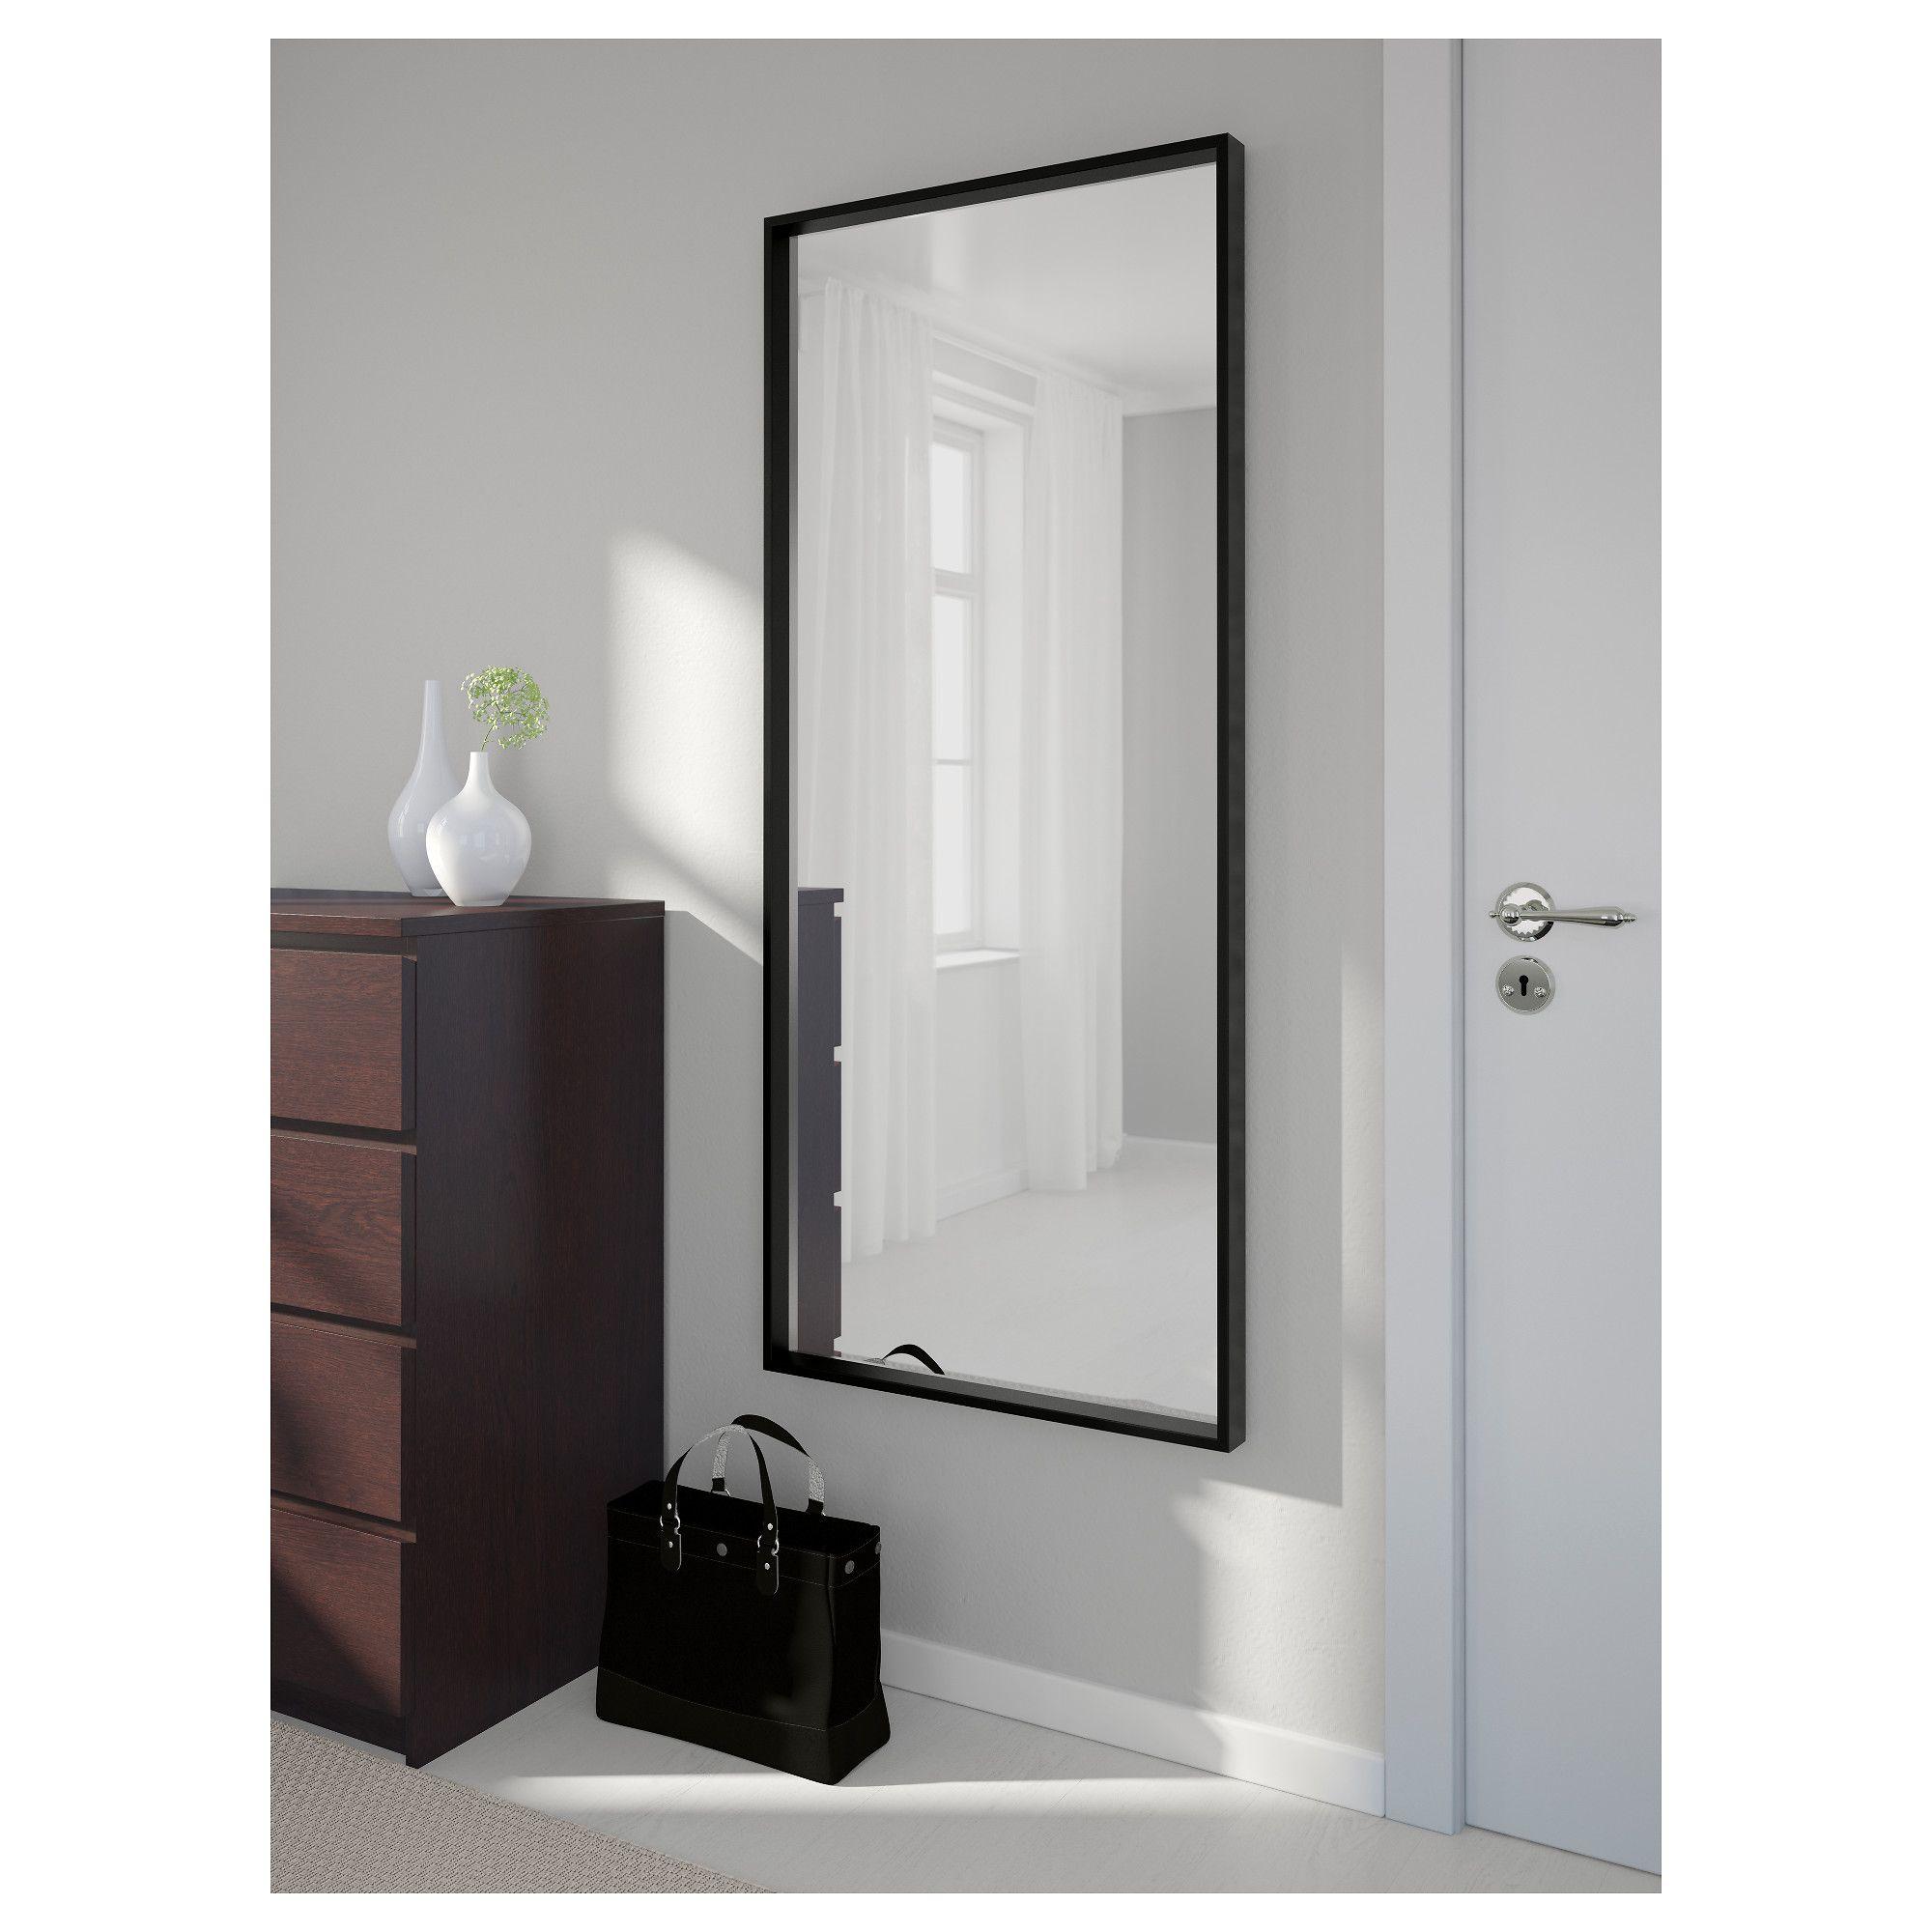 IKEA NISSEDAL Mirror black Ikea nissedal, Ikea mirror